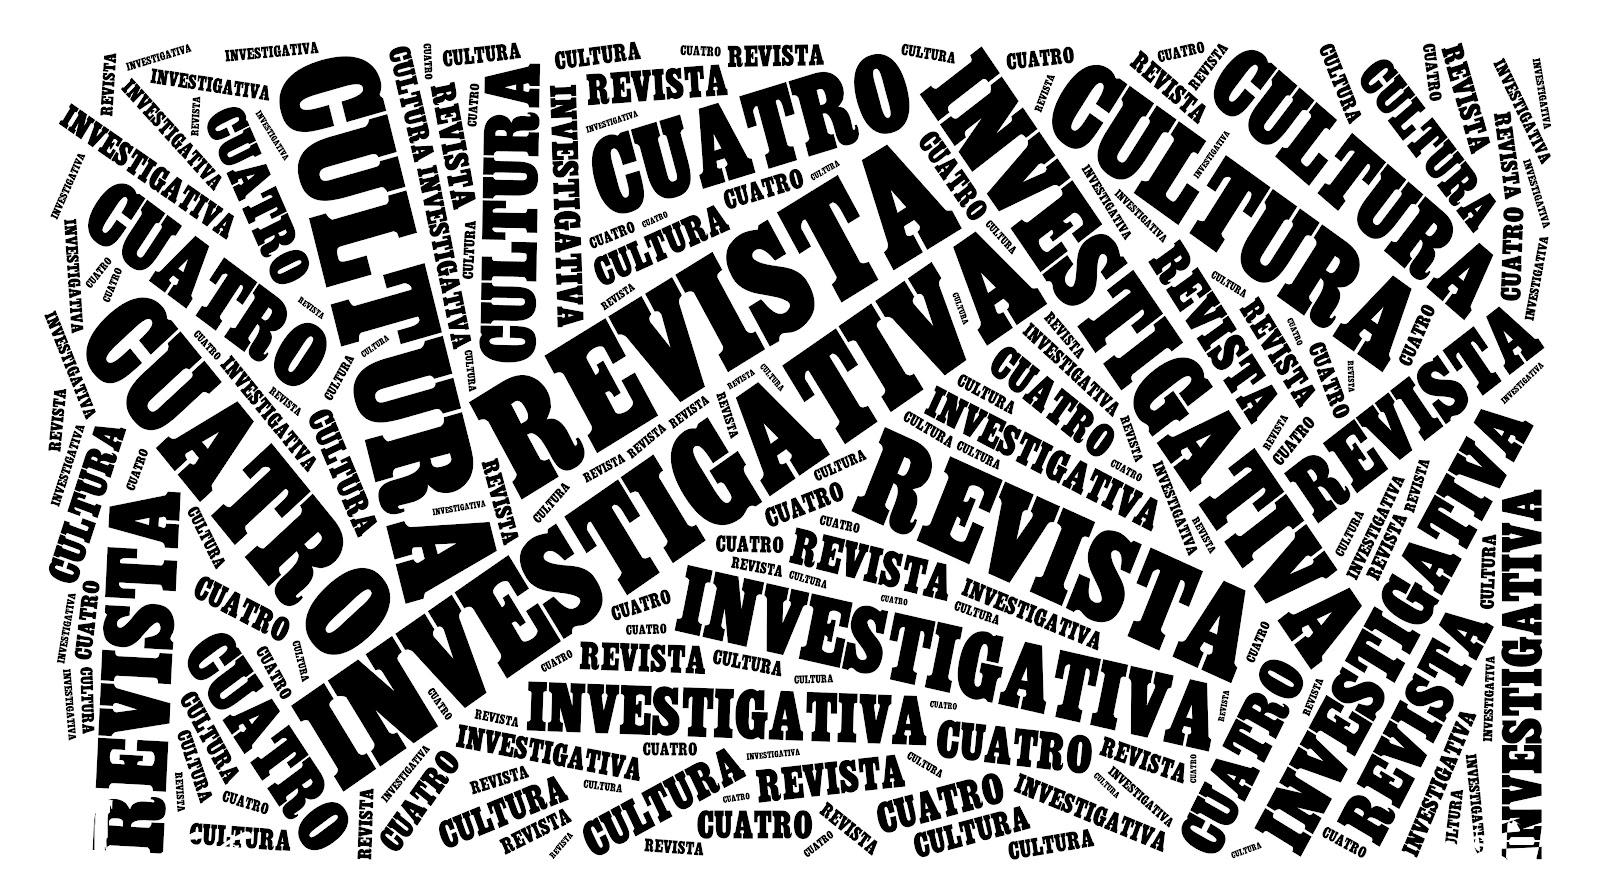 REVISTA DE SEMILLEROS DE INVESTIGACION CULTURA INVESTIGATIVA ...